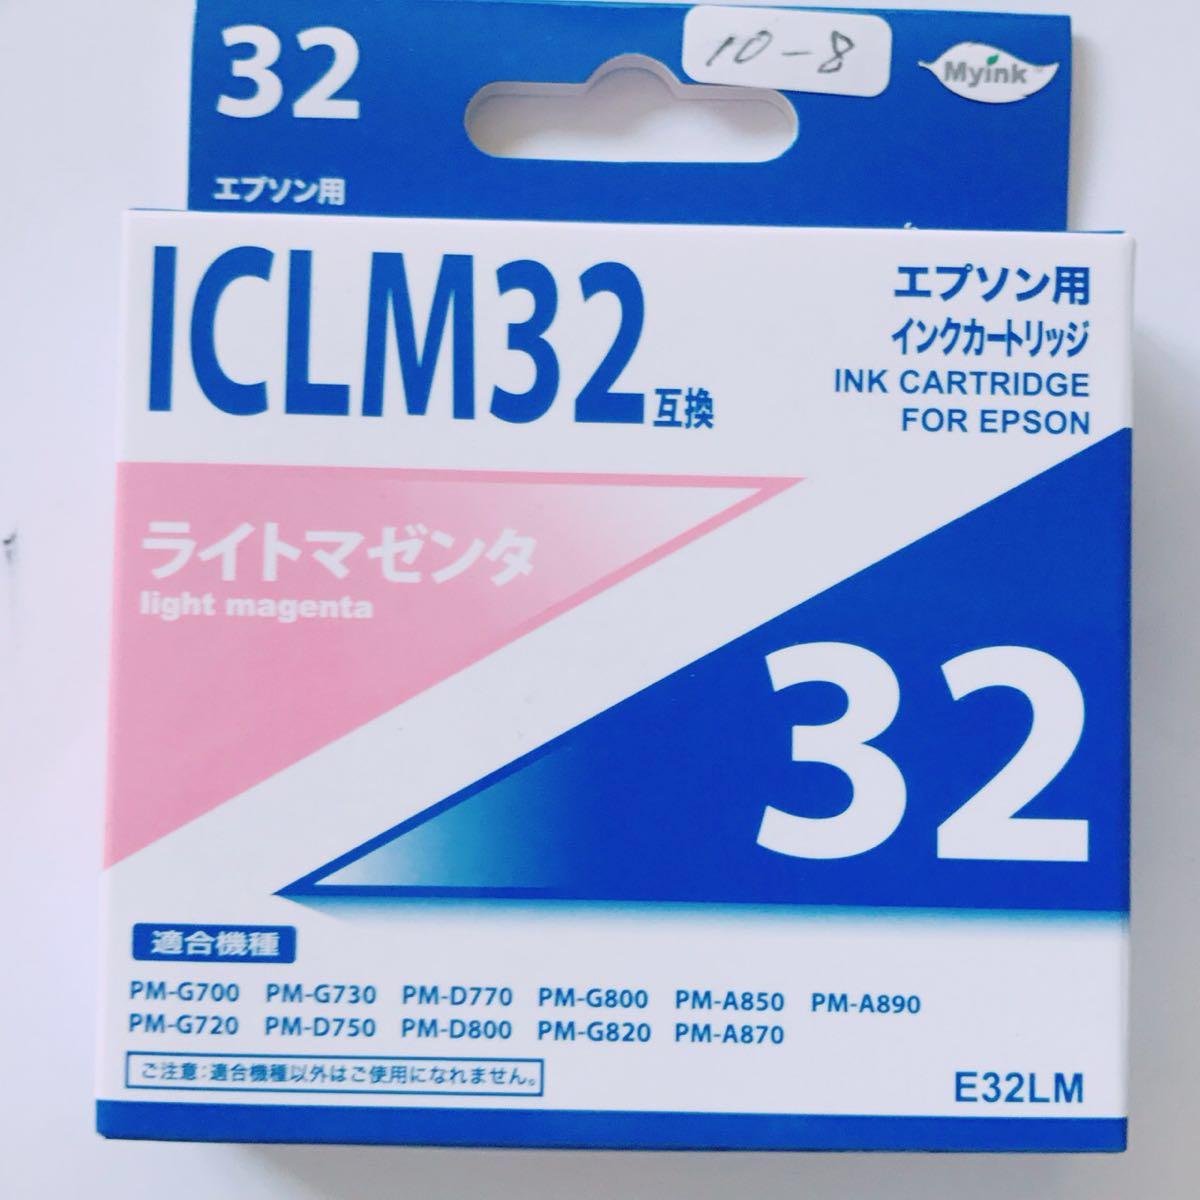 未使用 ★ EPSON エプソン インク カートリッジ 32 ライト マゼンタ ICLM32 互換 ★ プリンタ 推奨使用期限切れ ★ 10-1~8_画像1